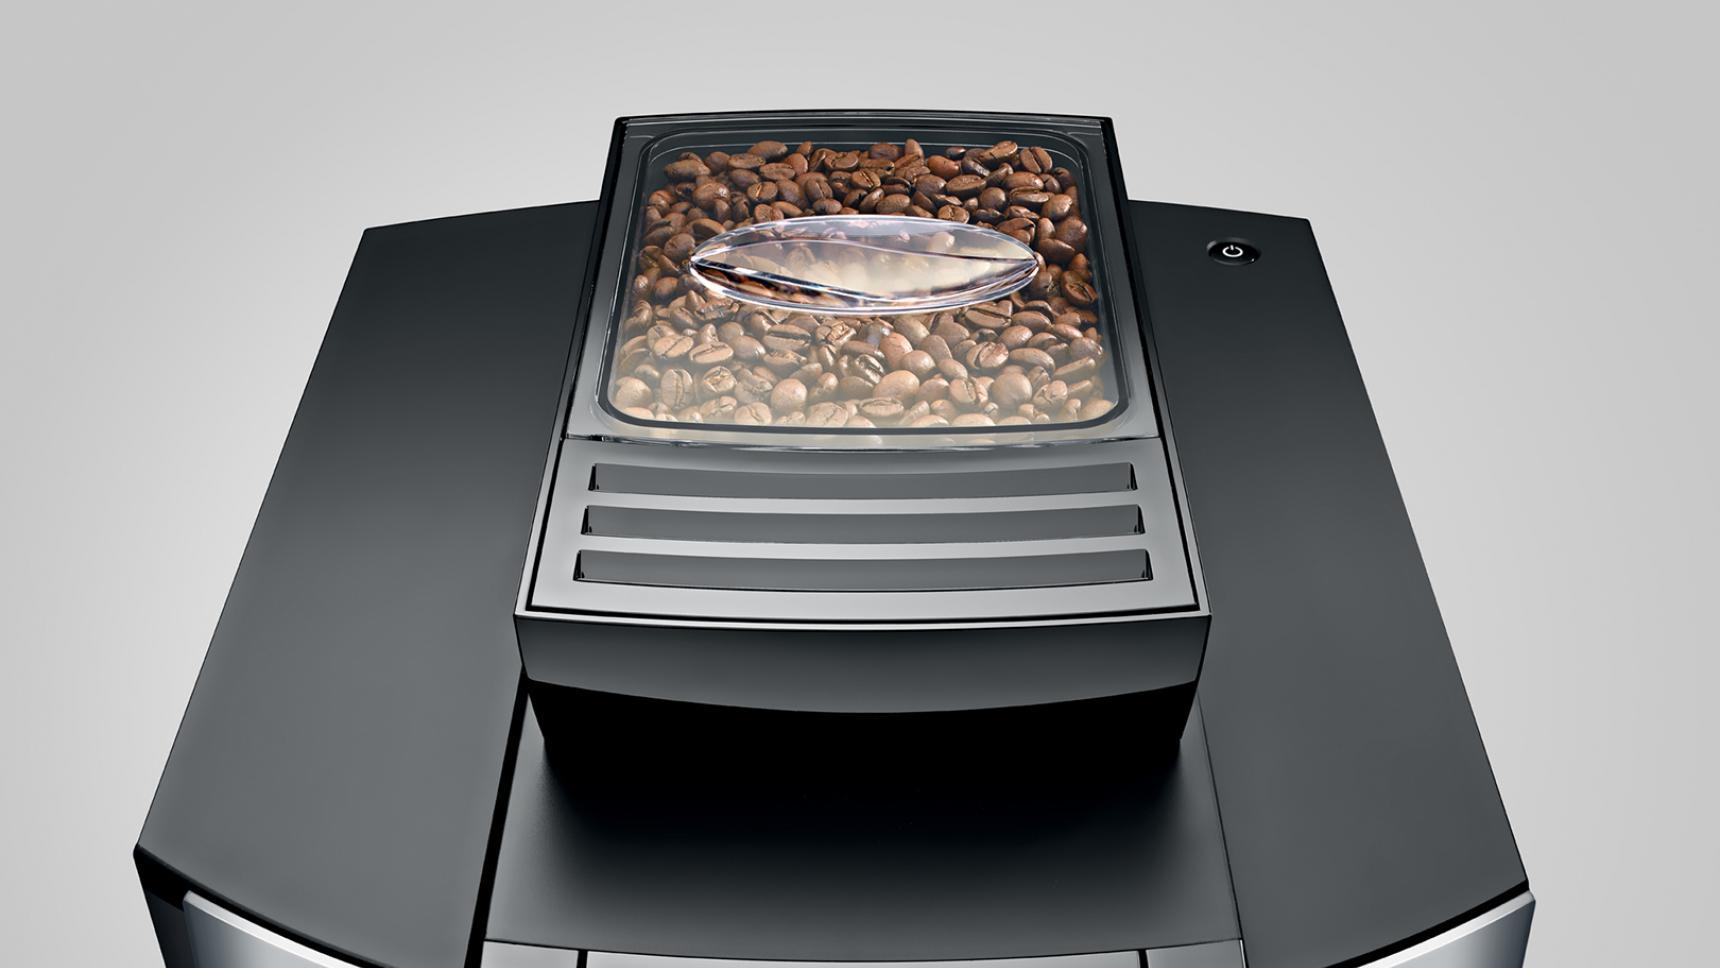 Jura koffiemachine WE8 Gio Coffee